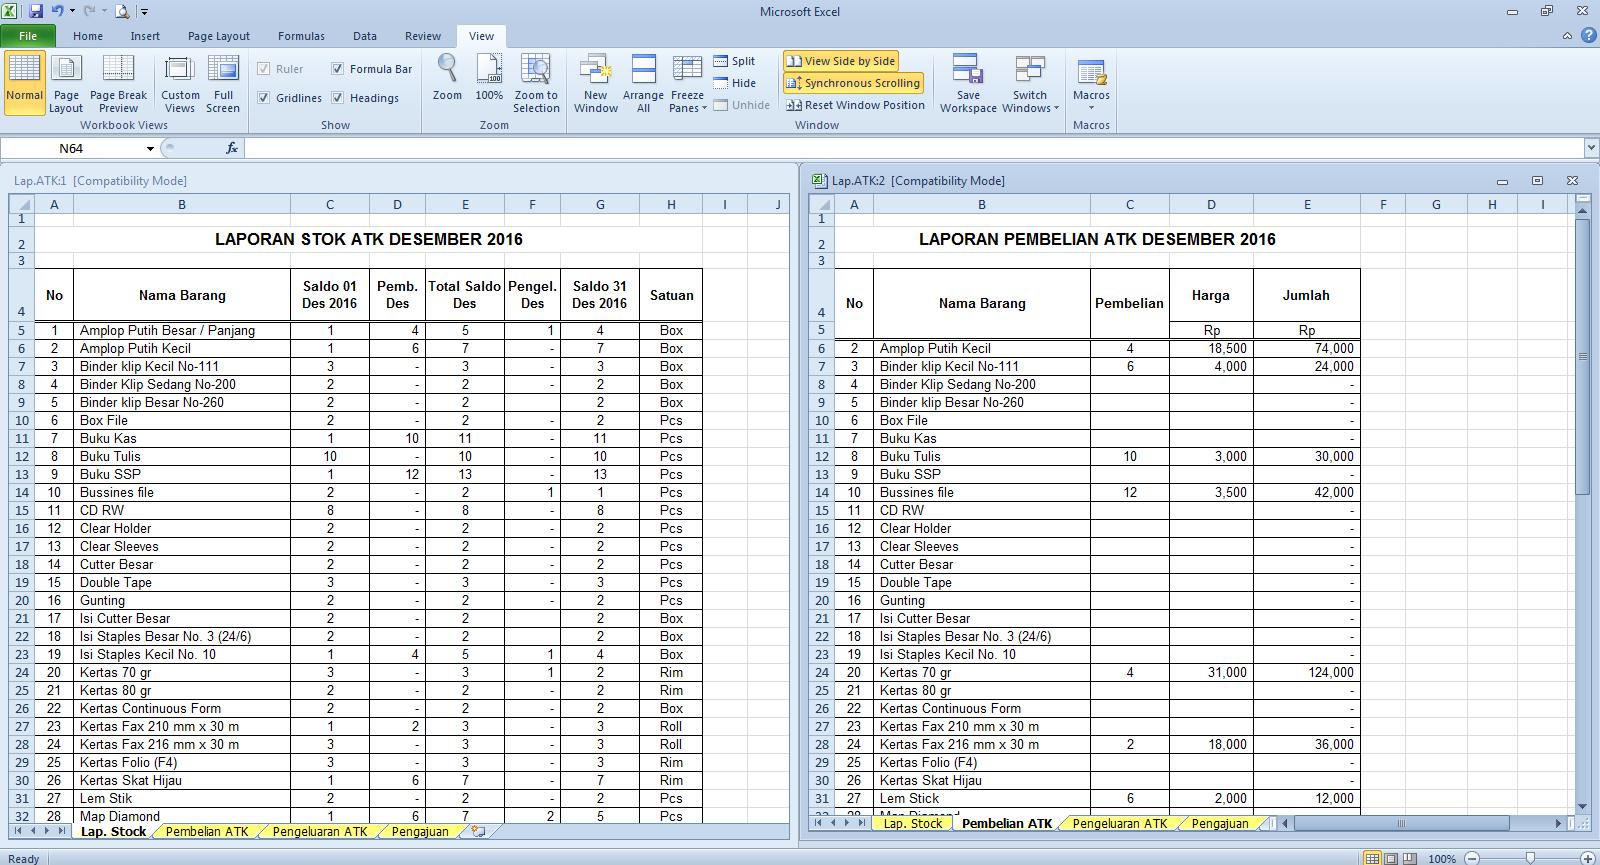 Cara Menampilkan Dua Sheet Dalam Satu File Excel Cari2 Cara